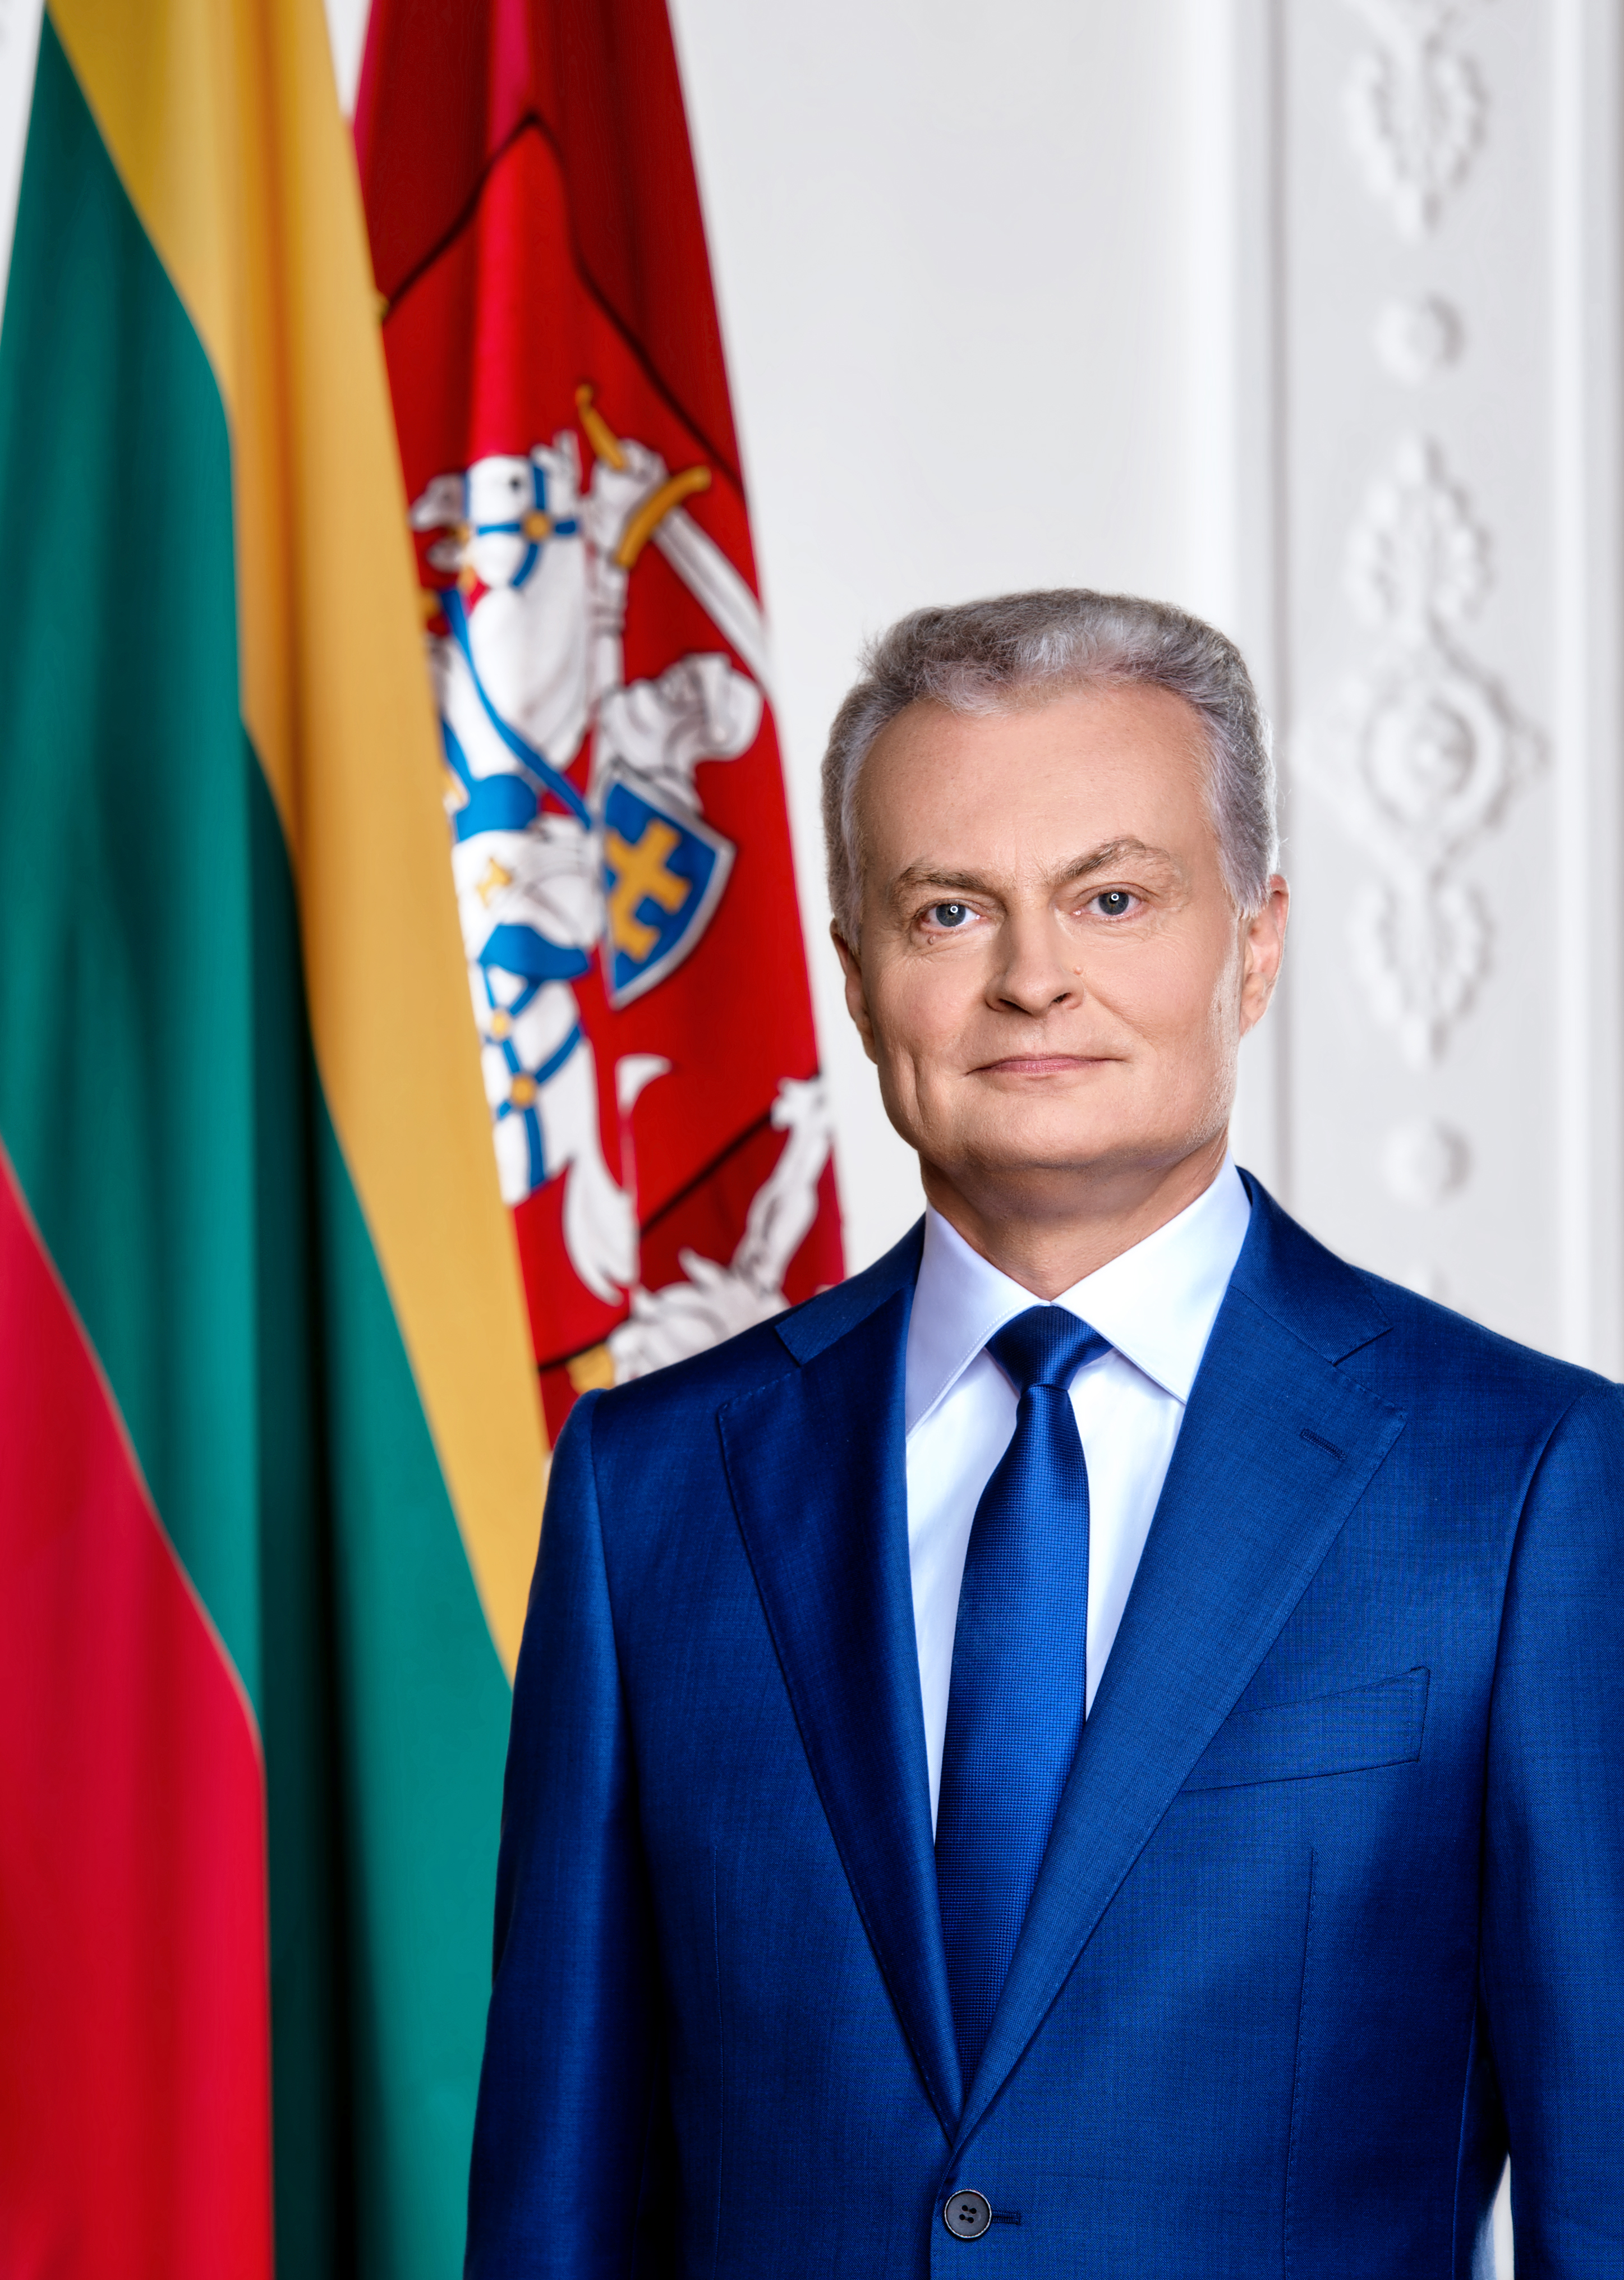 President of the Republic of Lithuania Gitanas Nausėda